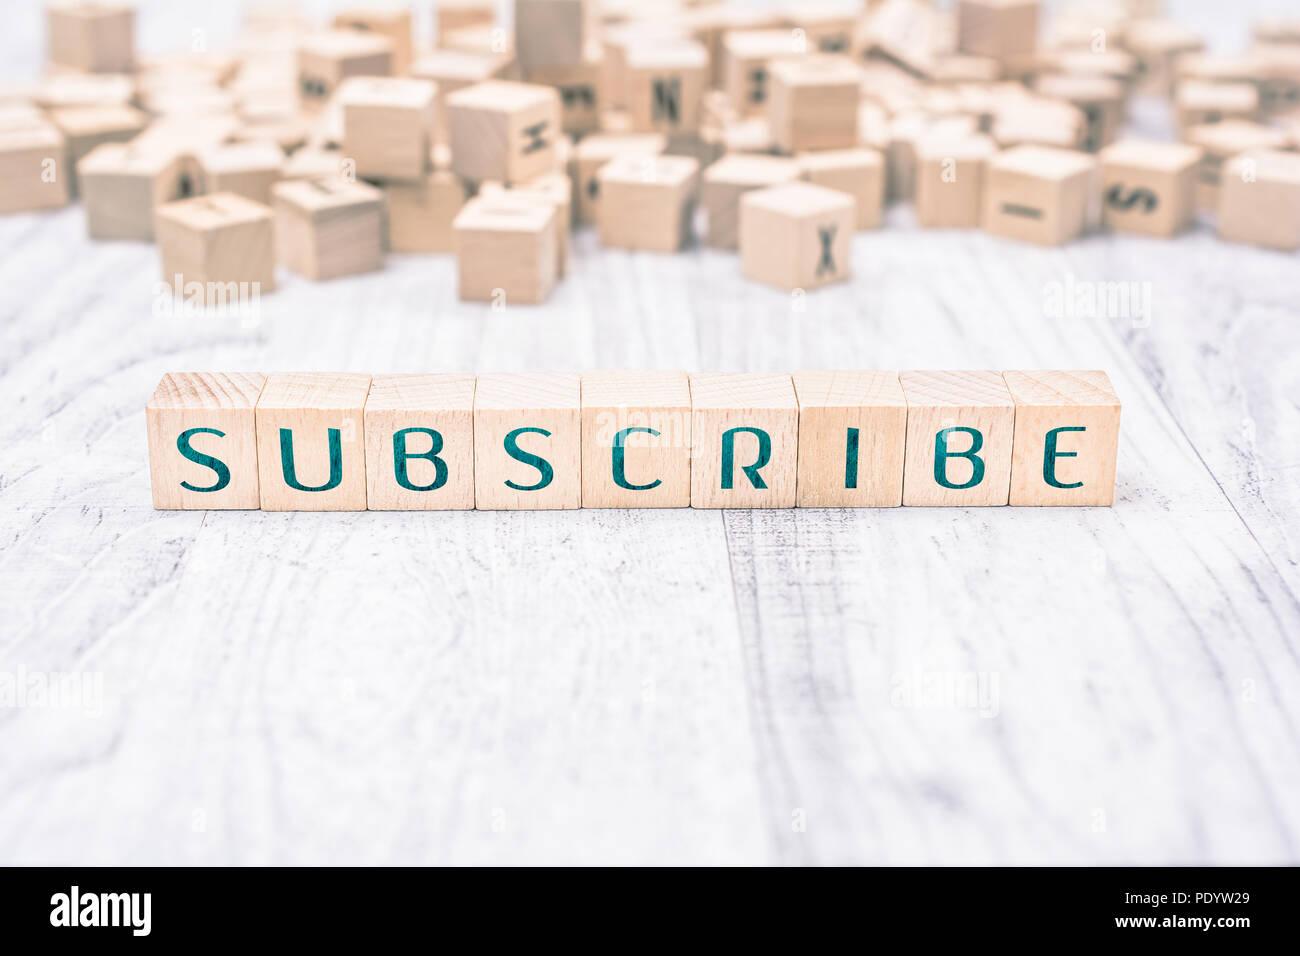 La parola subscribe formata da blocchi di legno su un tavolo bianco, concetto di promemoria Immagini Stock